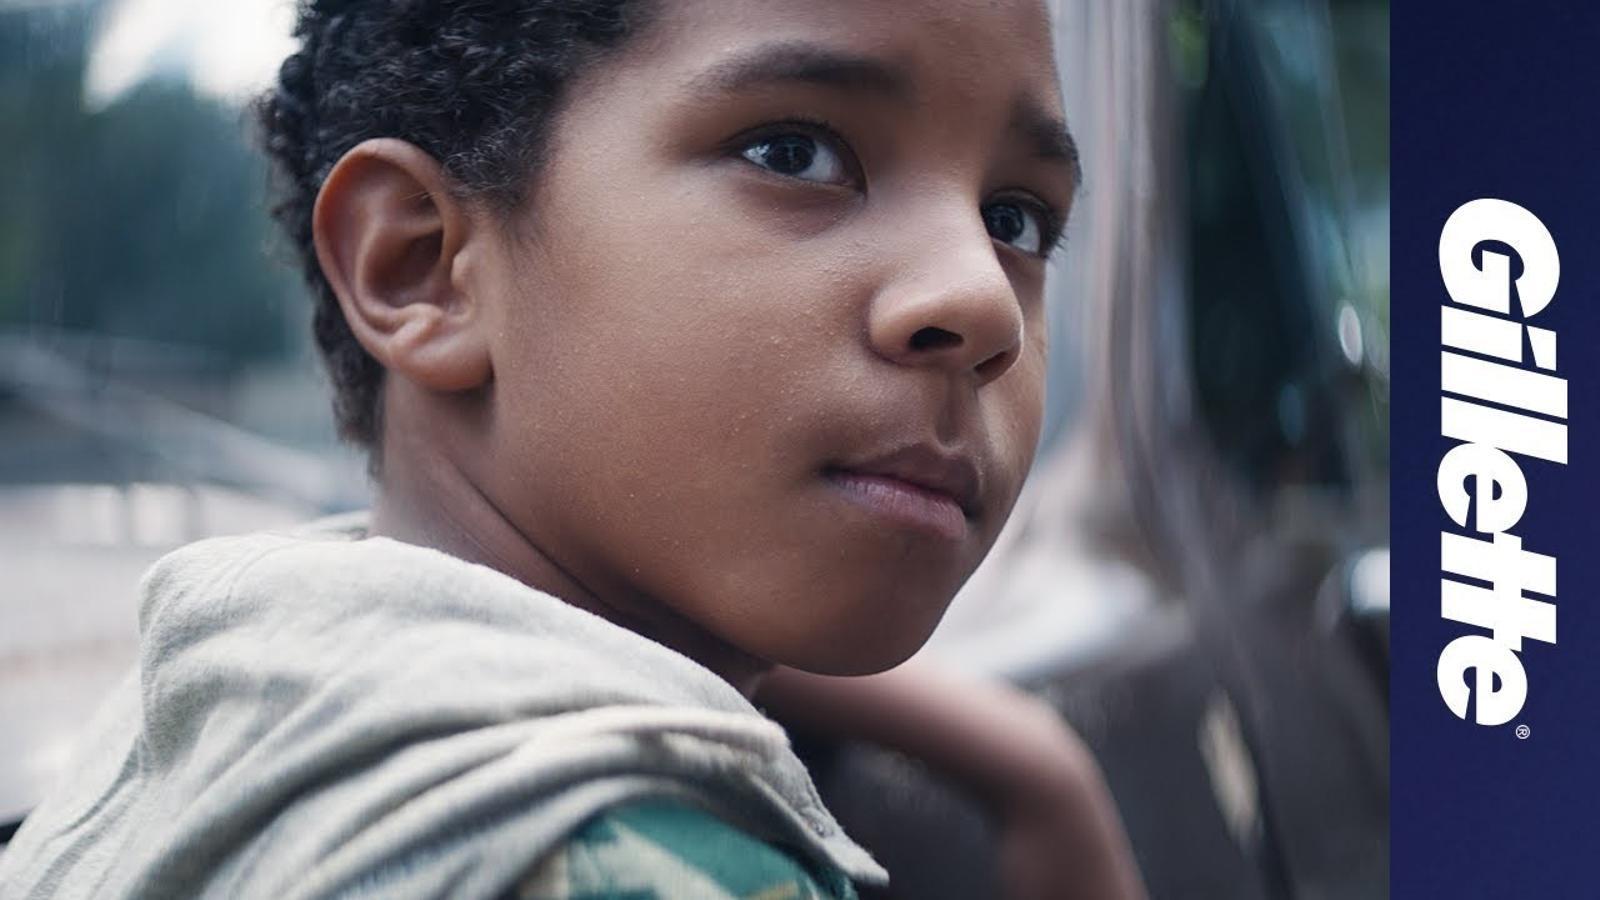 Allau de crítiques a Gillette per un anunci contra els comportaments masculins més tòxics